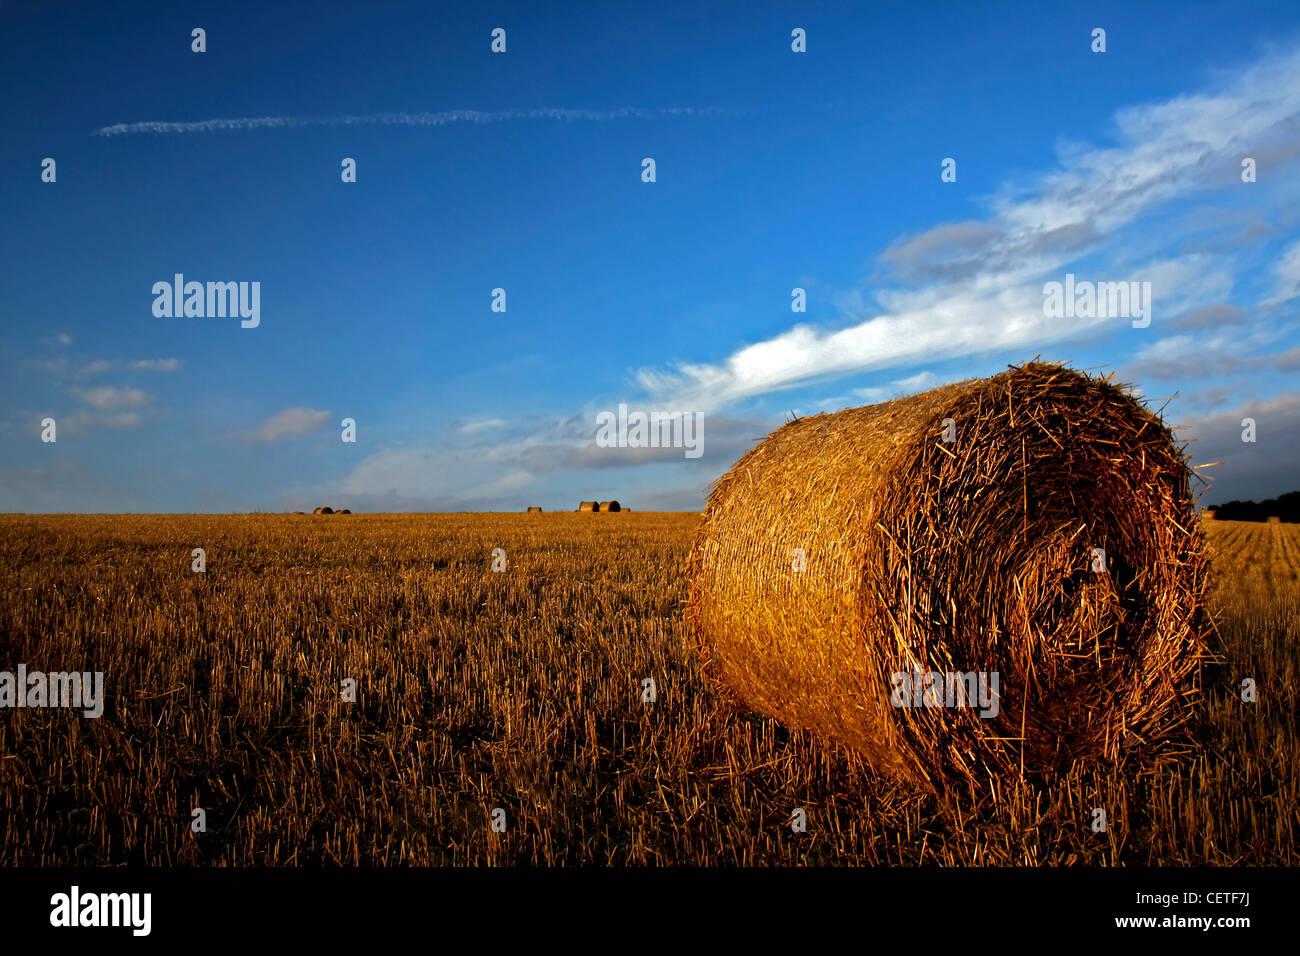 Ciel bleu, plus de balles de foin rondes sur les champs récoltés dans Yorkshire du Nord. Photo Stock